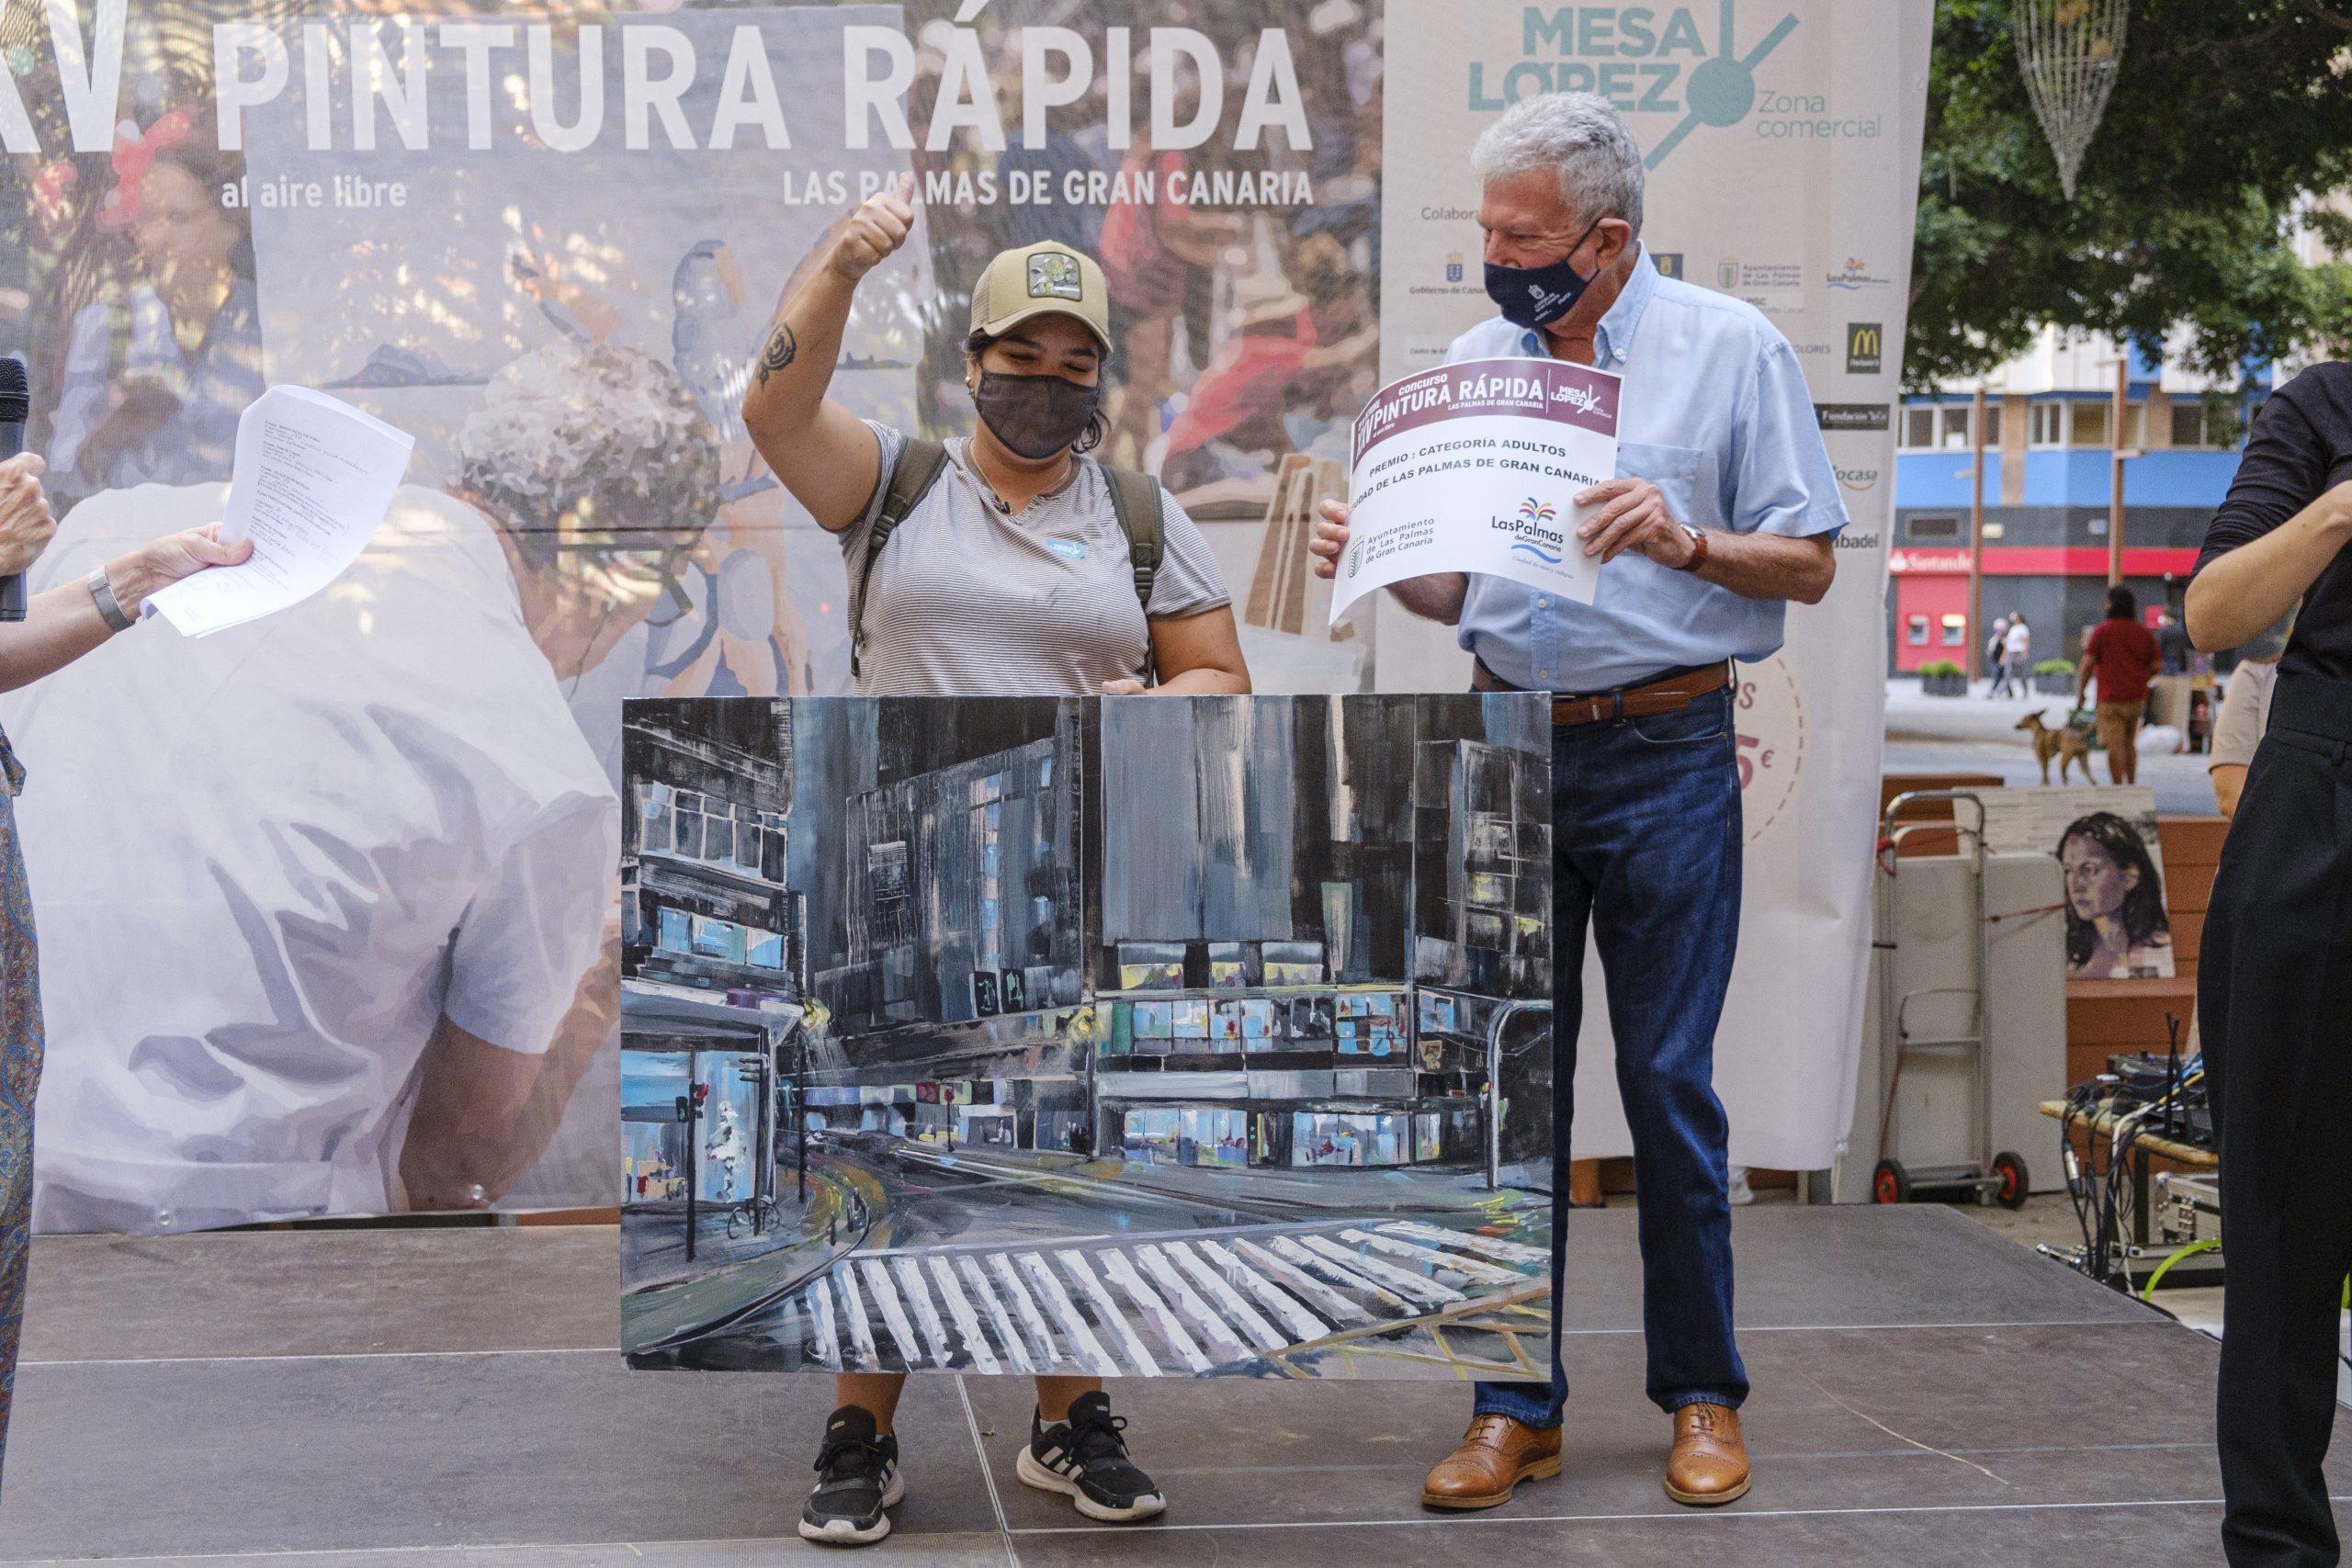 Ganadora del primer premio del XXV Concurso de Pintura Rápida Lpa 2021